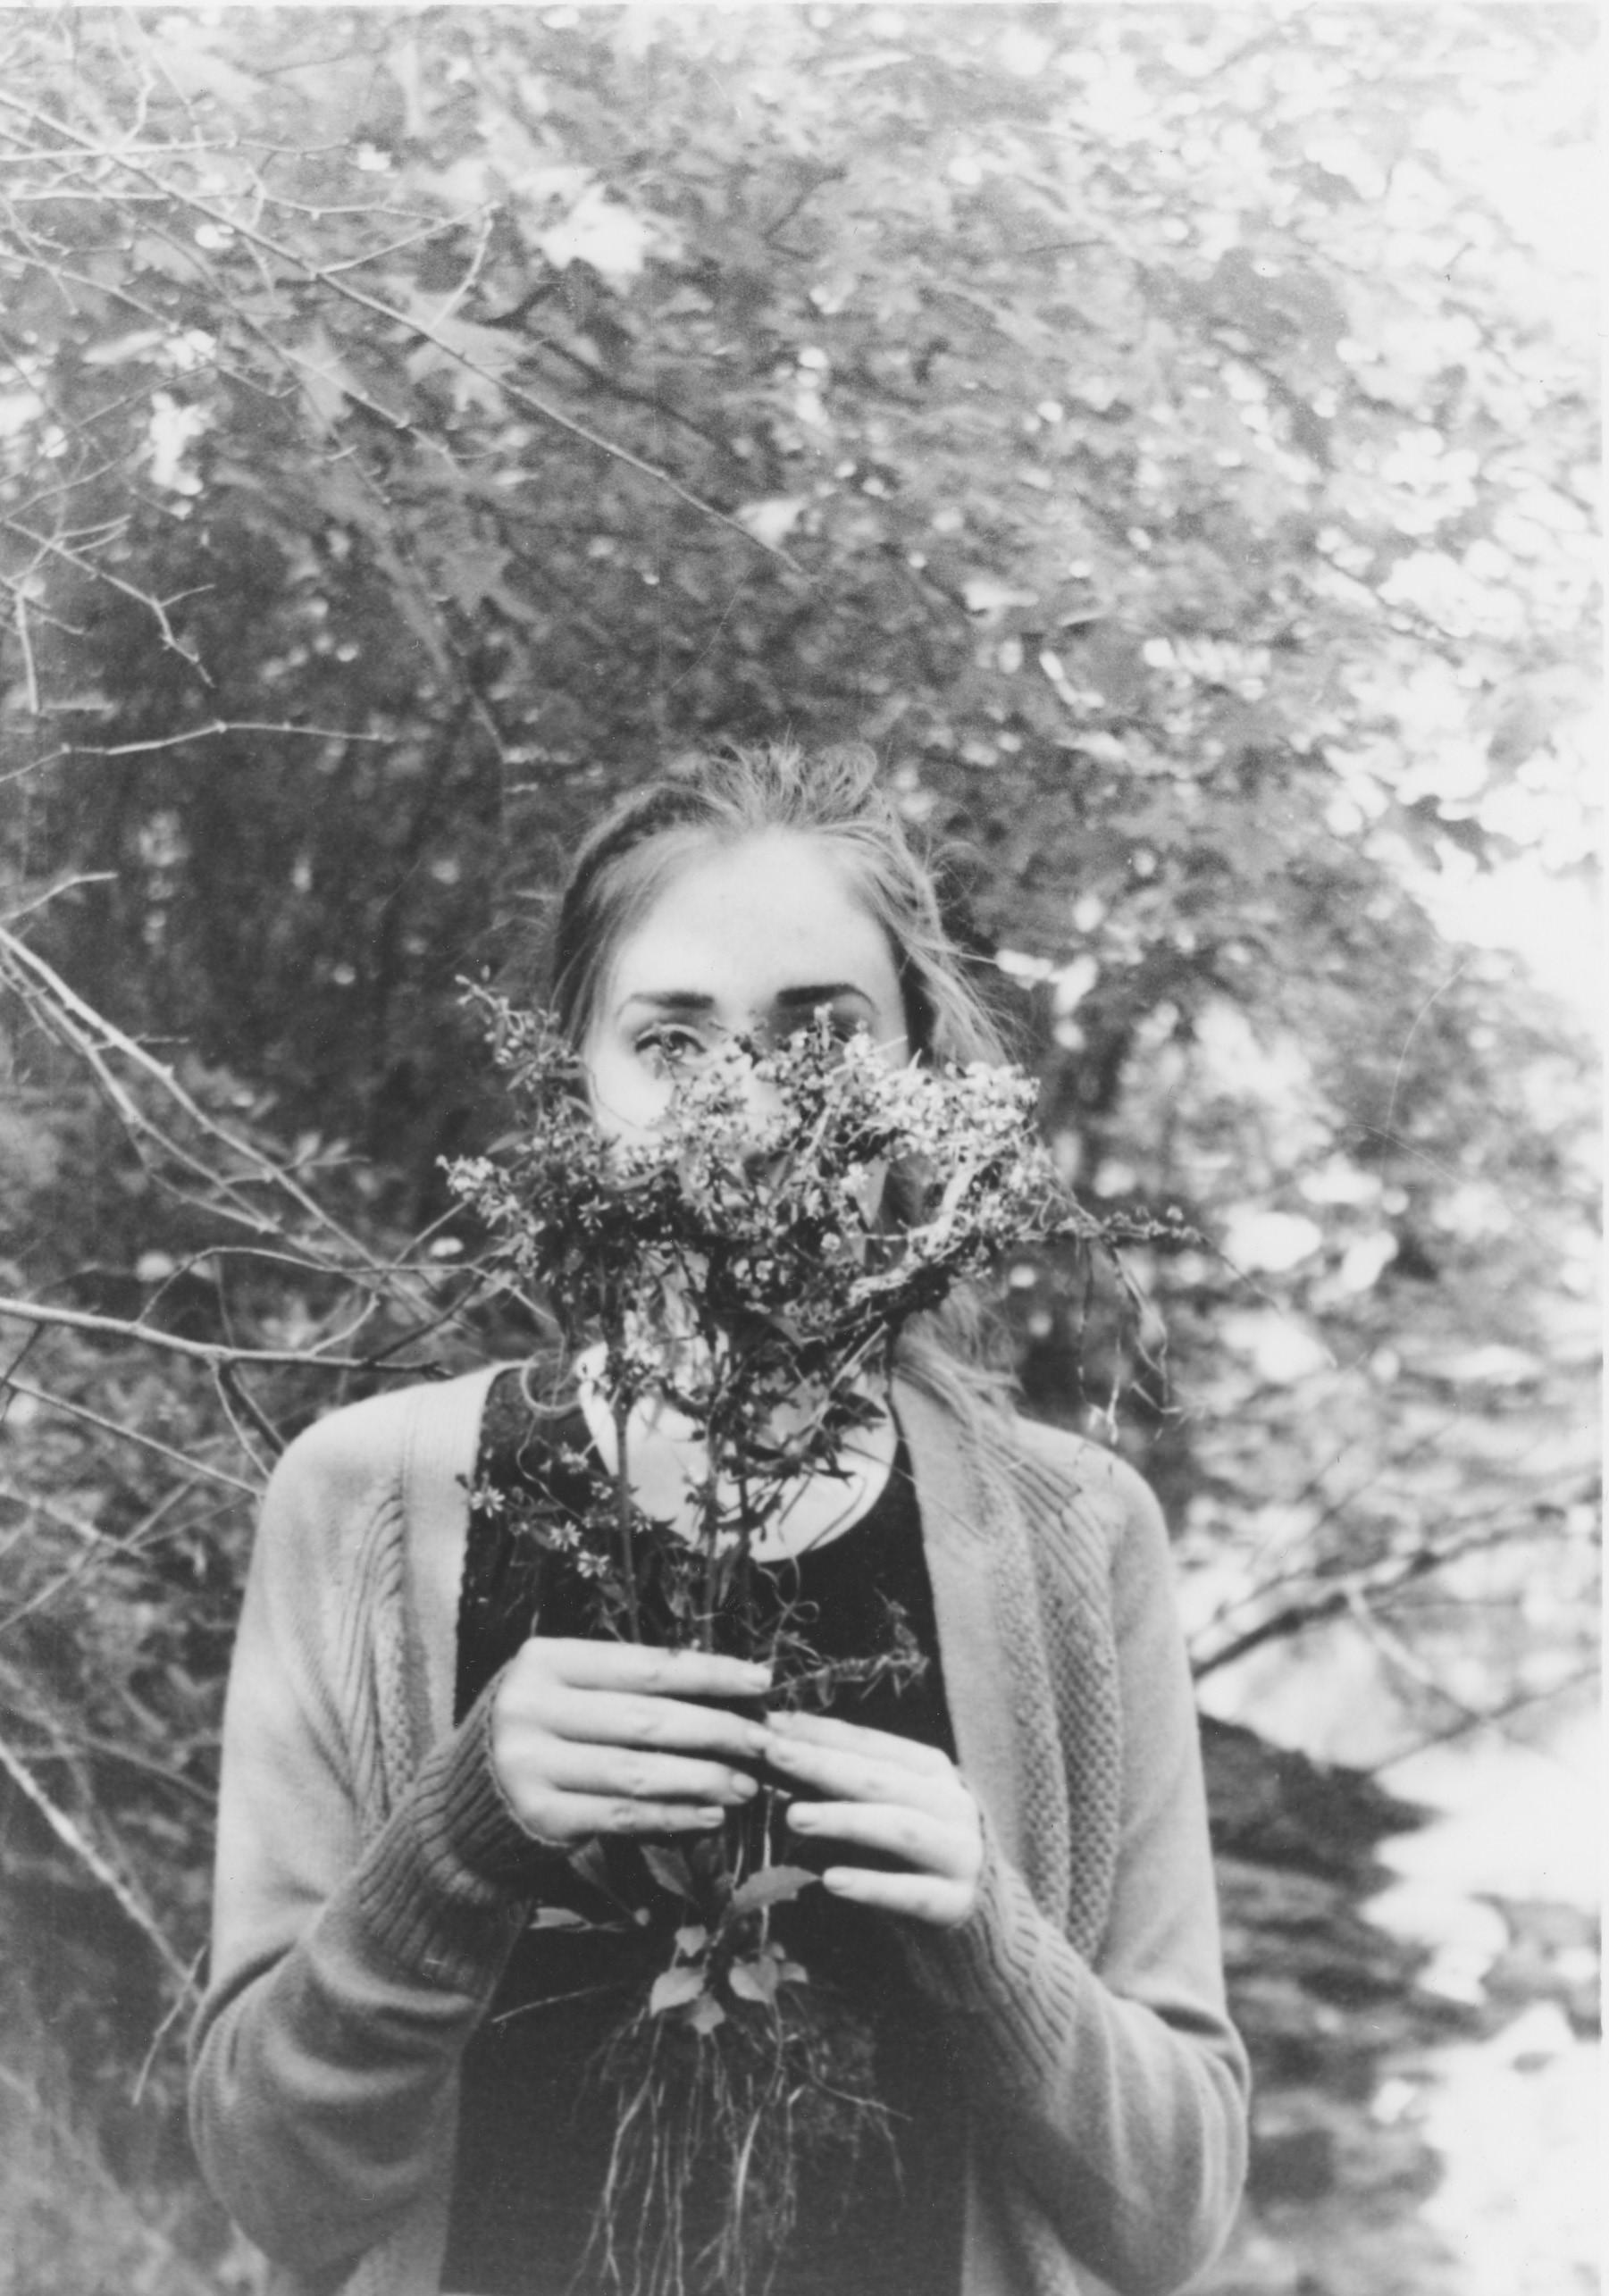 Morgan Helmick